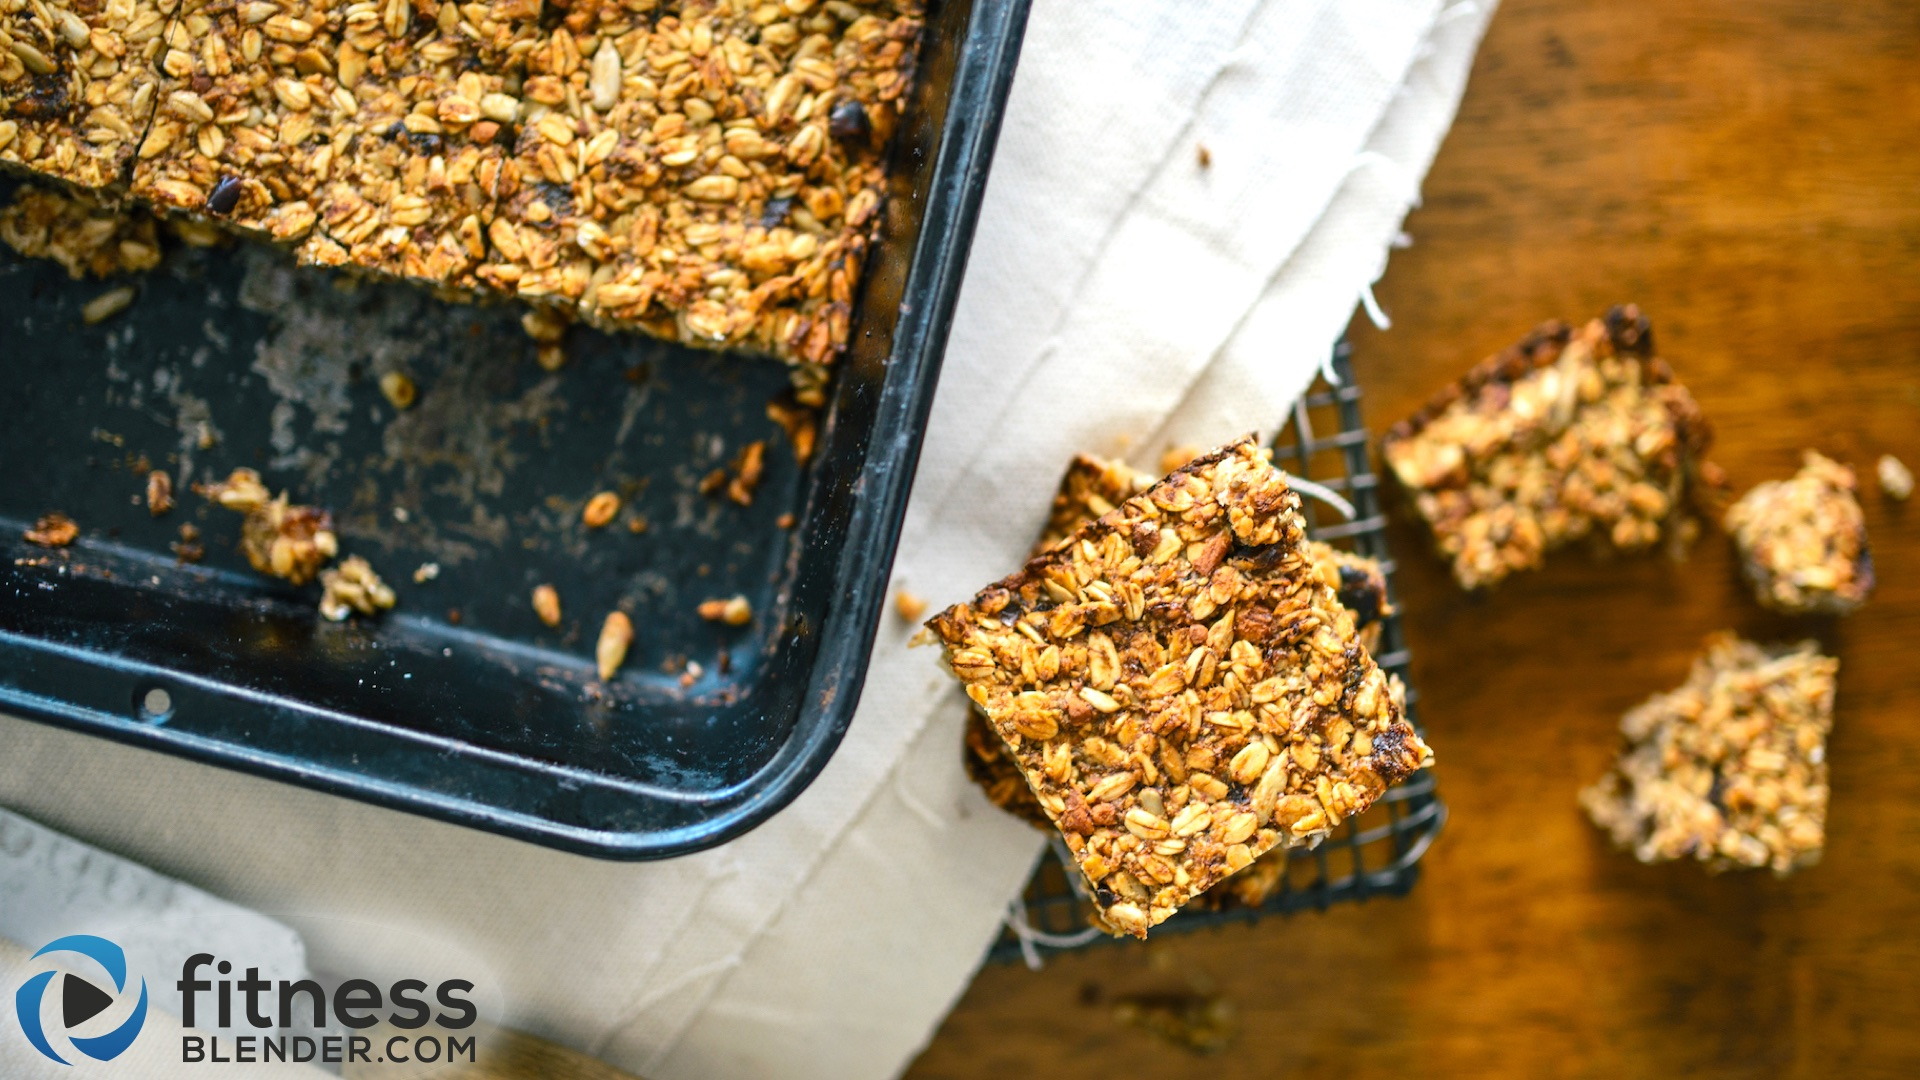 Healthy breakfast bars recipe: Banana Oat Bars